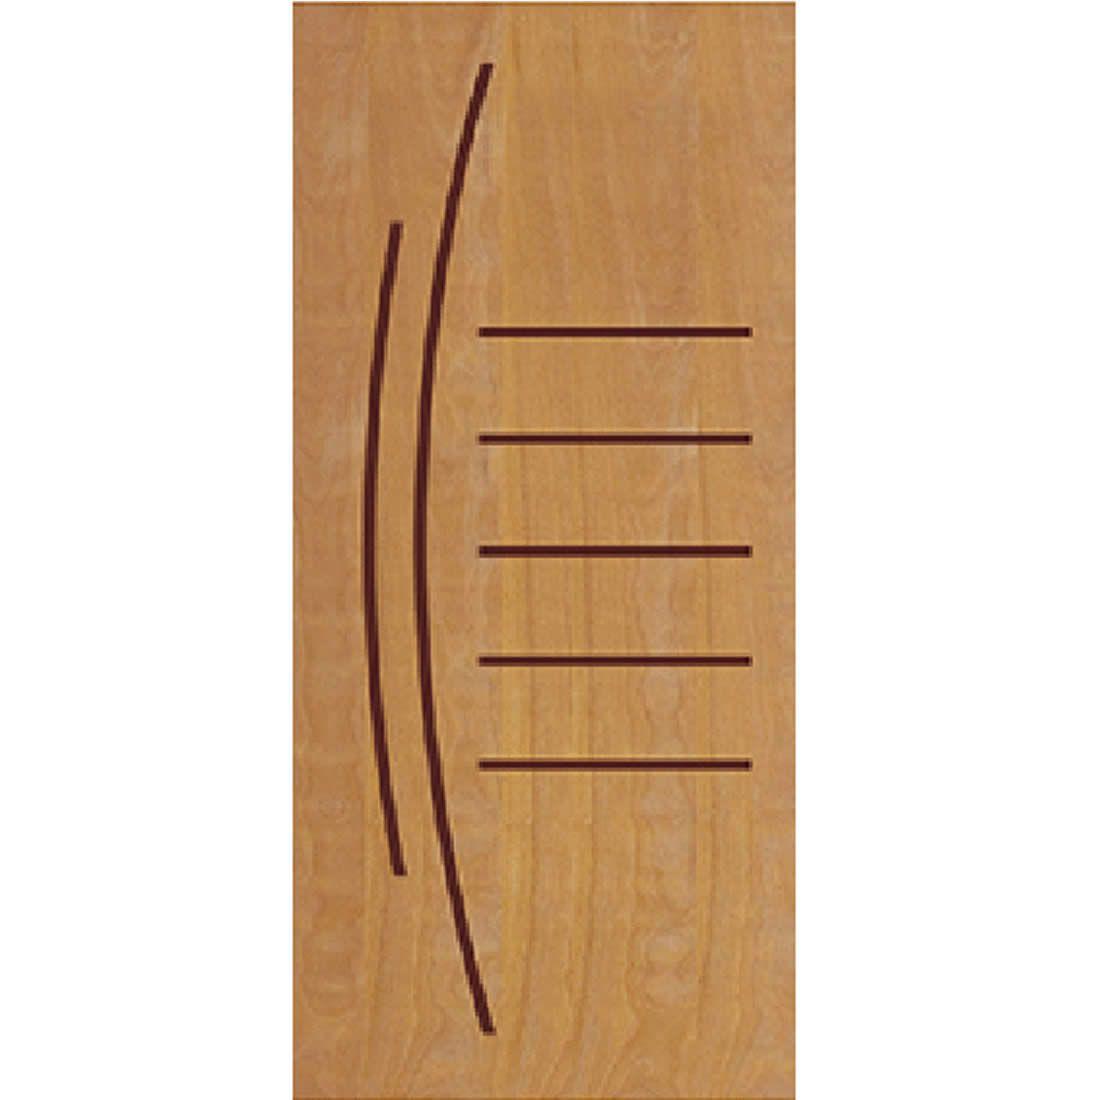 Porta 2,10 x 0,90m em Madeira Curupixa Semi Sólida Modelo 12 Frisada JB Paes